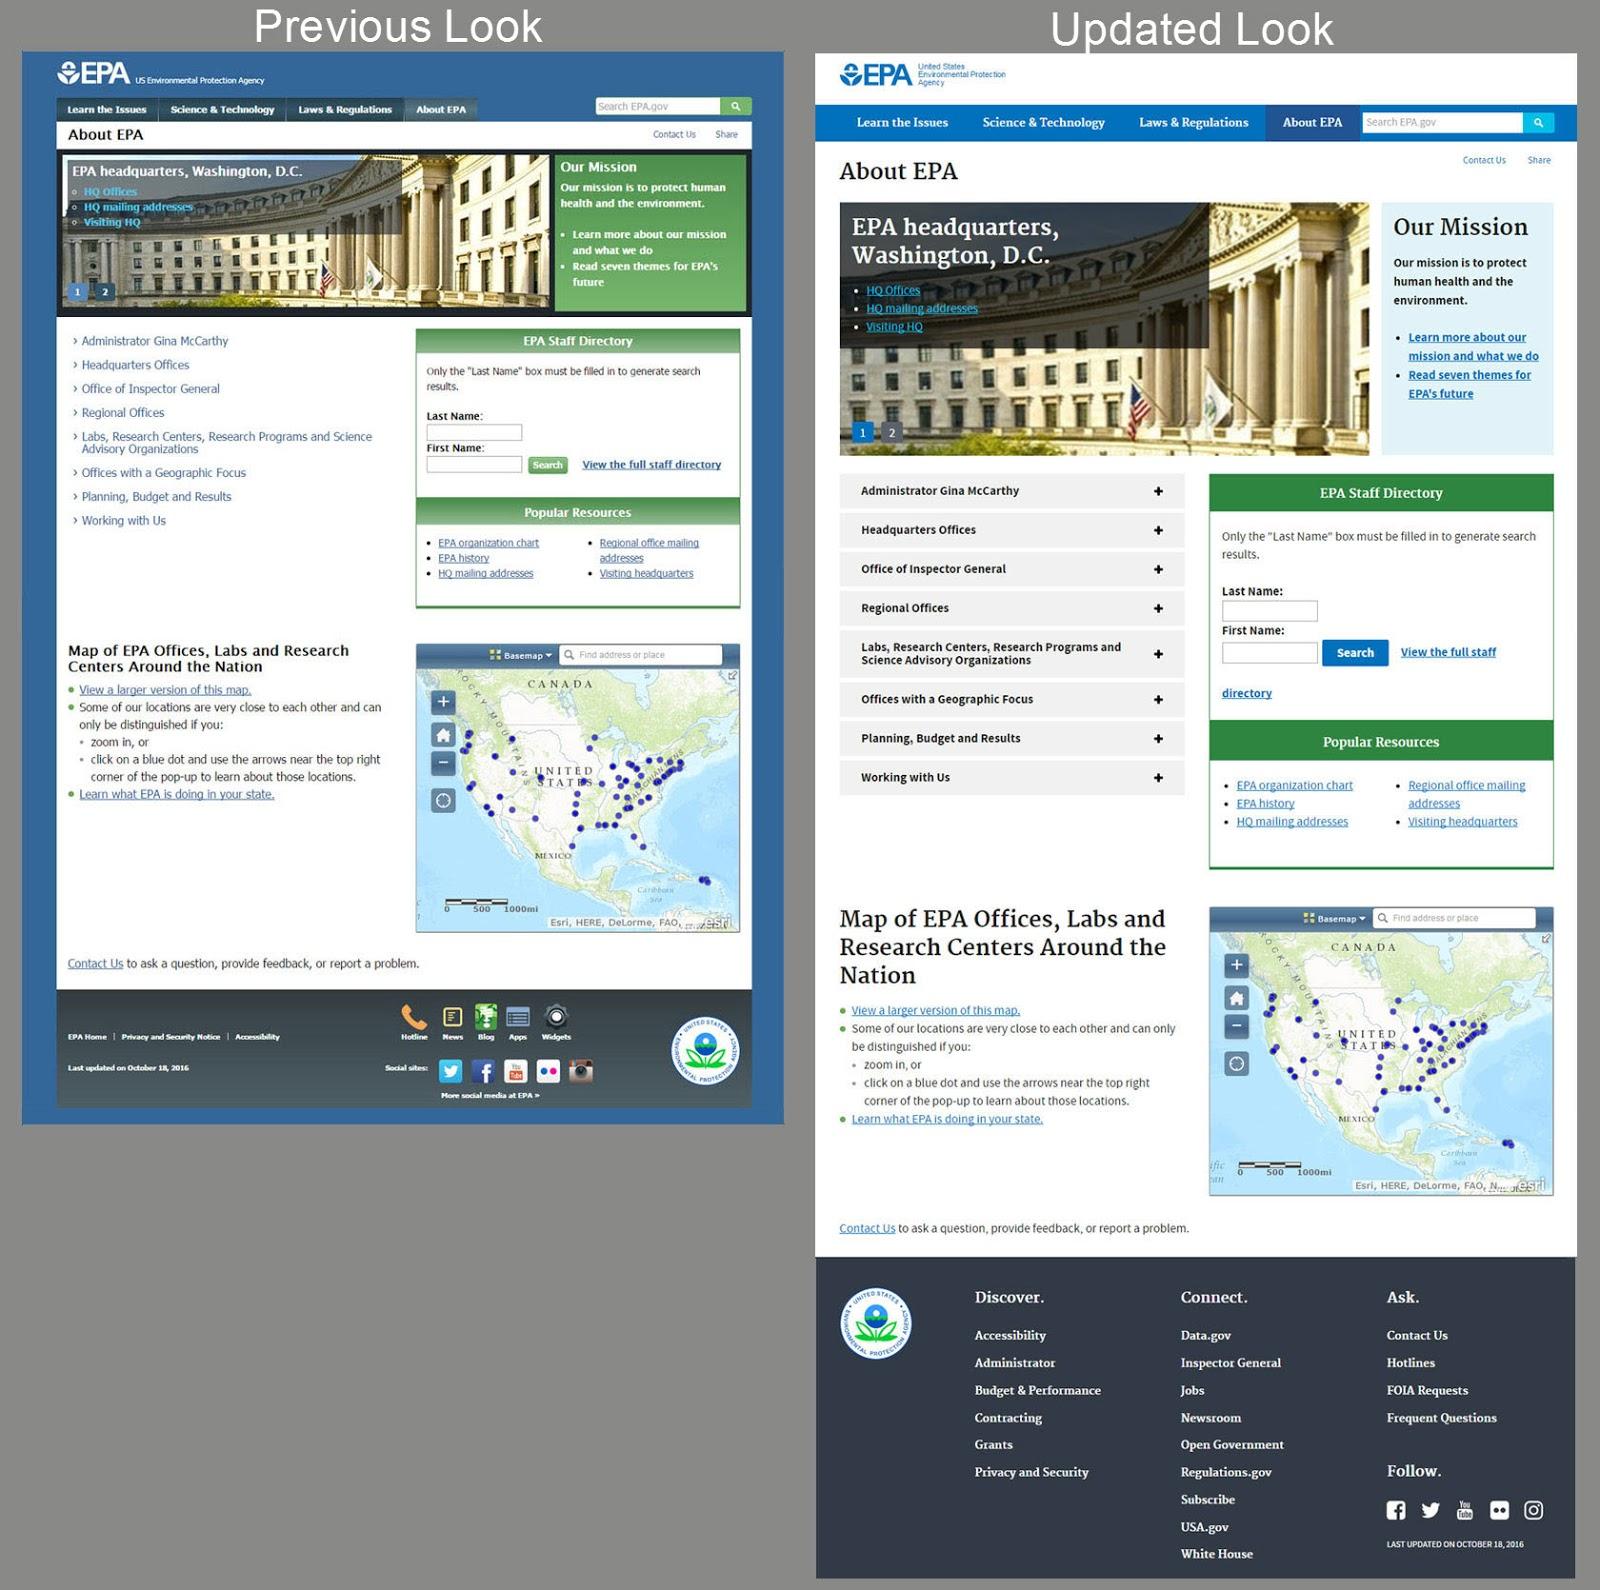 18f Digital Service Delivery U S Web Design Standards Releases Version 1 0